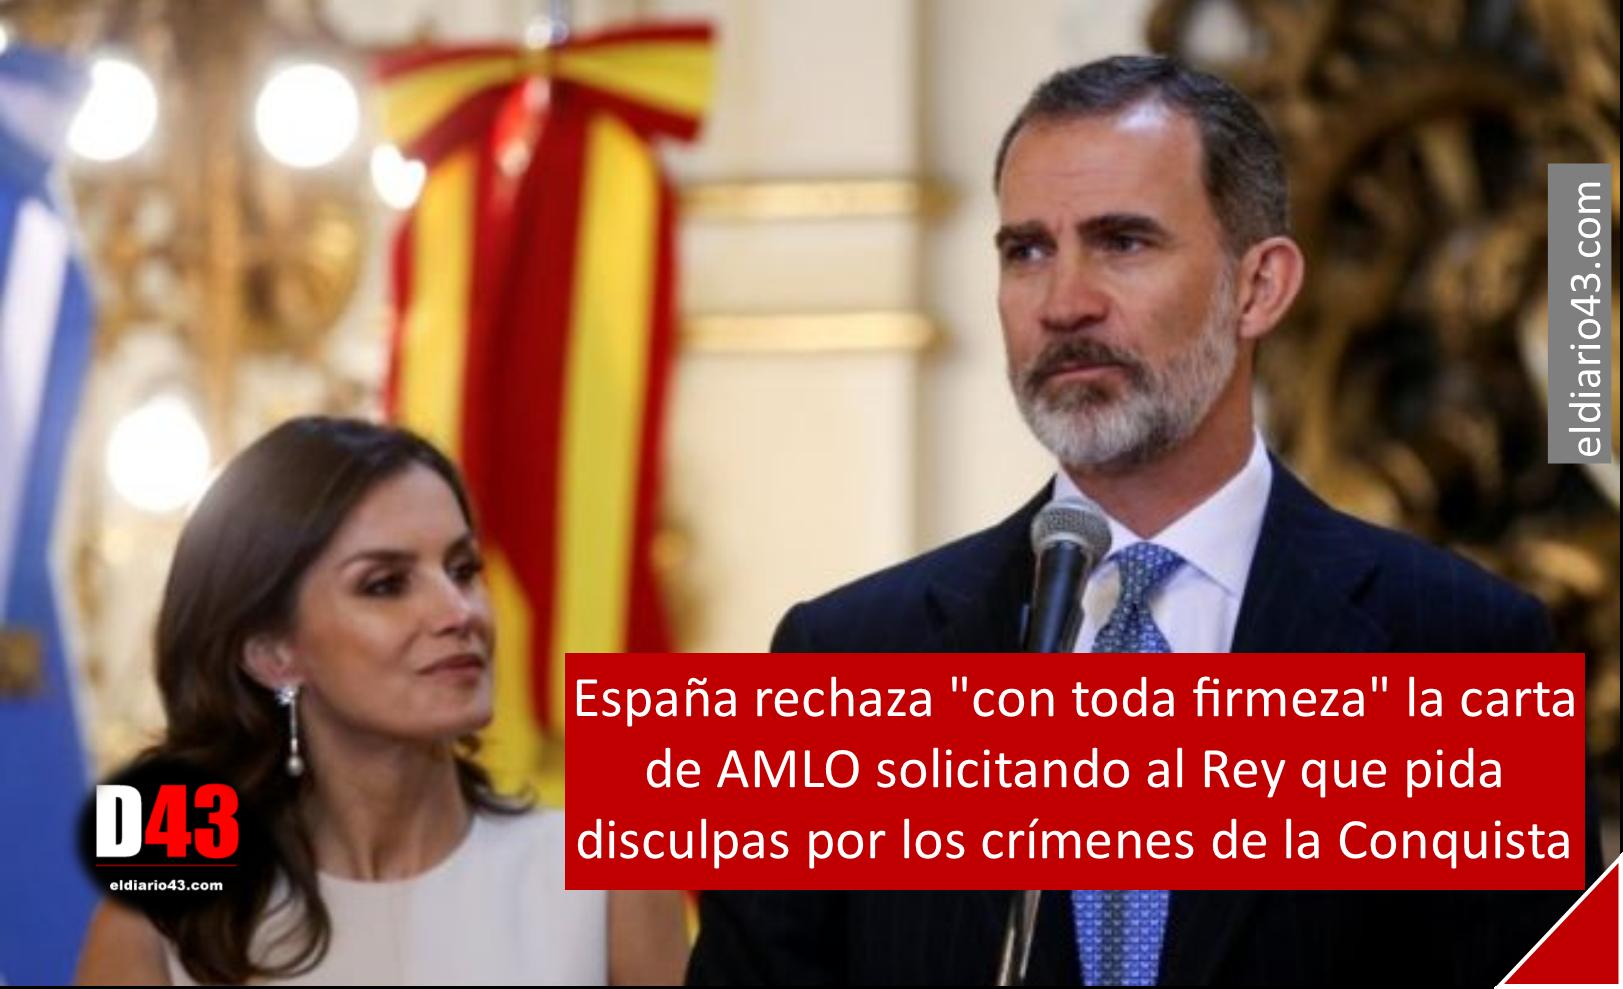 """España rechaza """"con toda firmeza"""" la carta de AMLO solicitando al Rey que pida disculpas por los crímenes de la Conquista"""